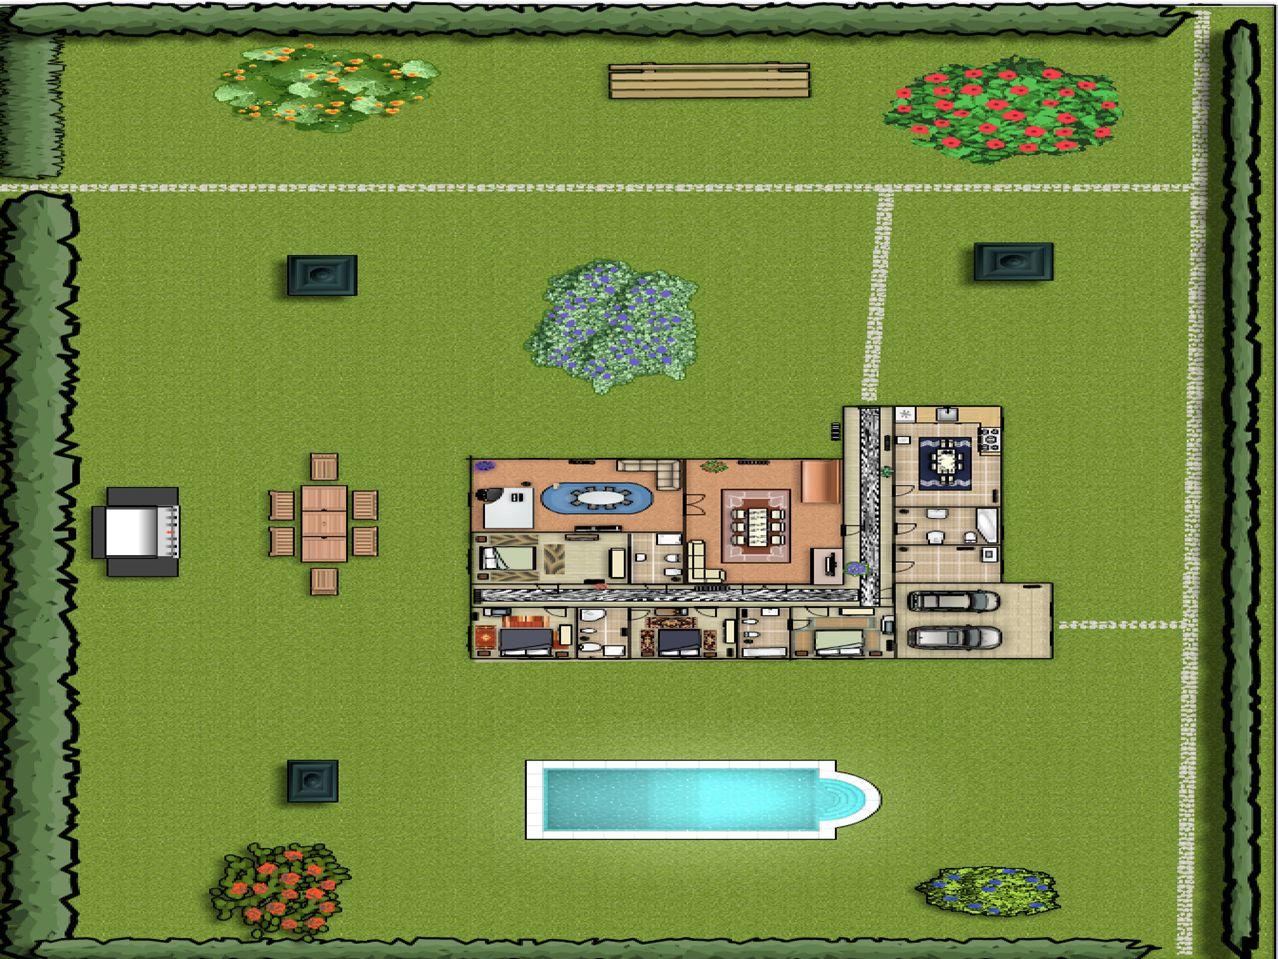 Eu gostava que a minha casa de sonho tivesse: 1 cozinha; 4 quartos; 1 lavandaria; 1 sala; Eu gostava que a minha casa de sonho tivesse: 1 cozinha; 4 quartos; 1 lavandaria; 1 sala;